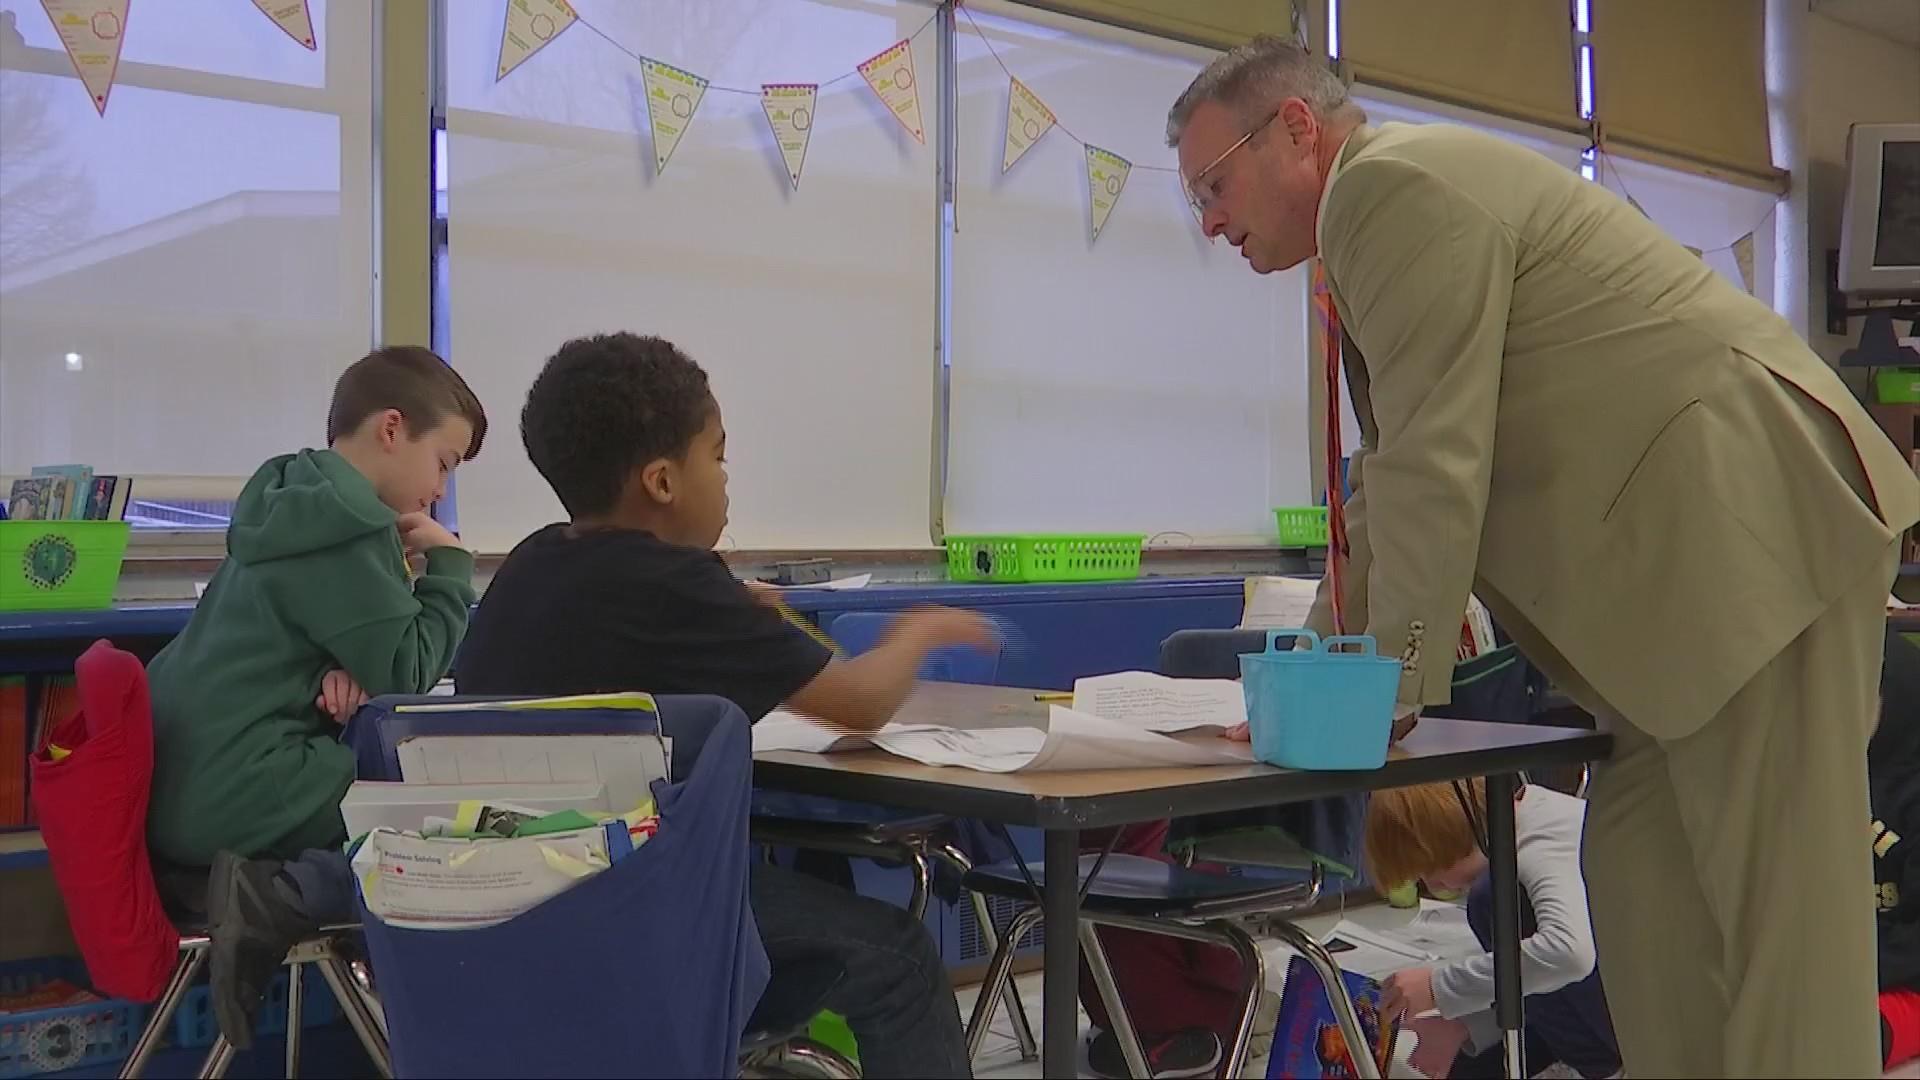 West Virginia Delegates Visit Elementary School Amid Education Debate